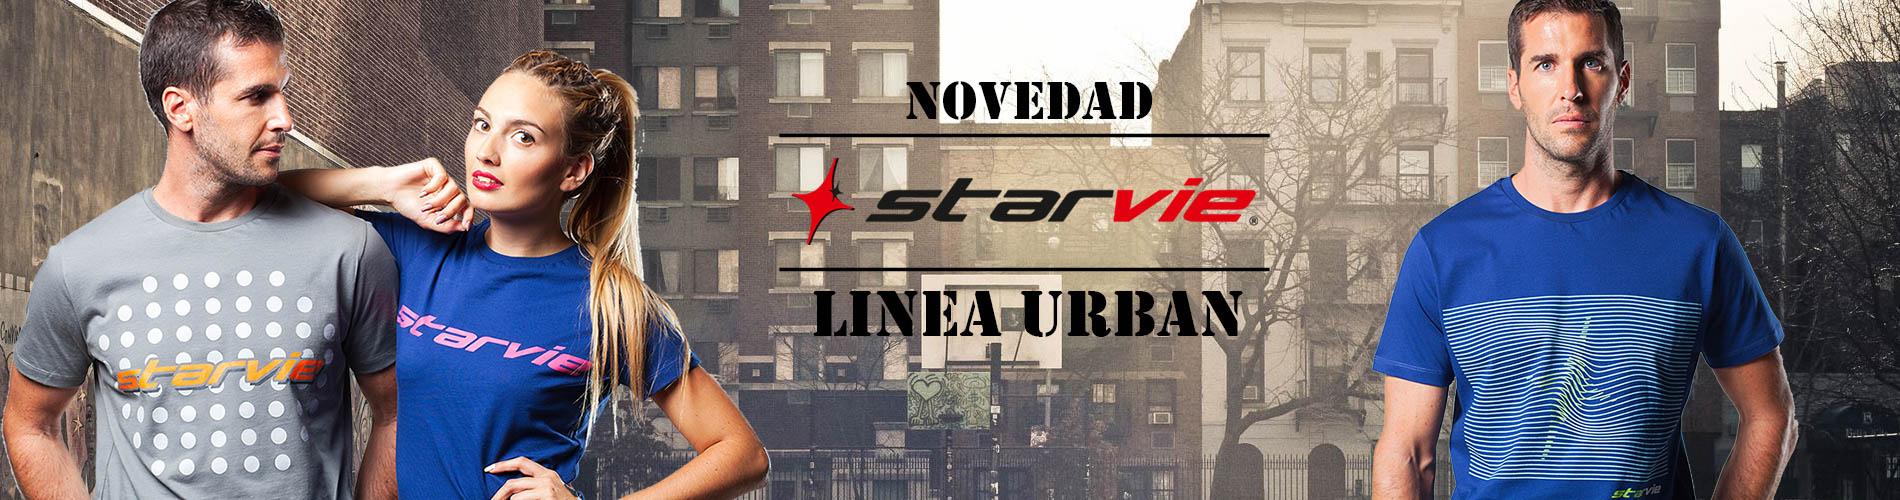 Novedad: Linea Urban de Pádel - StarVie